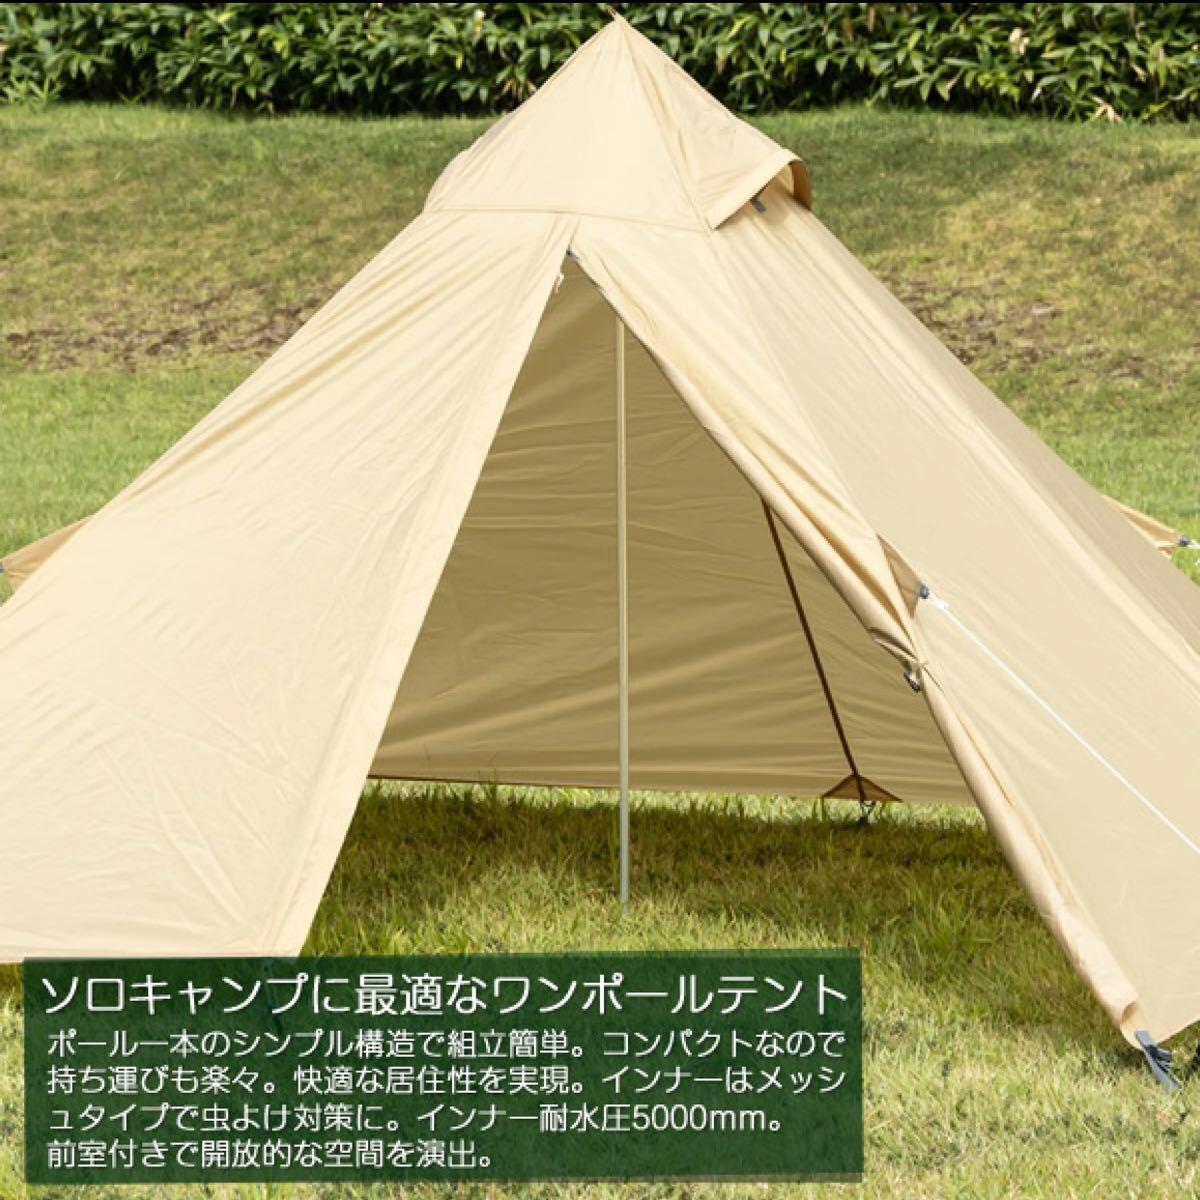 【ソロキャンプ】BUNDOK バンドック ソロティピー サンドベージュ/BDK-75